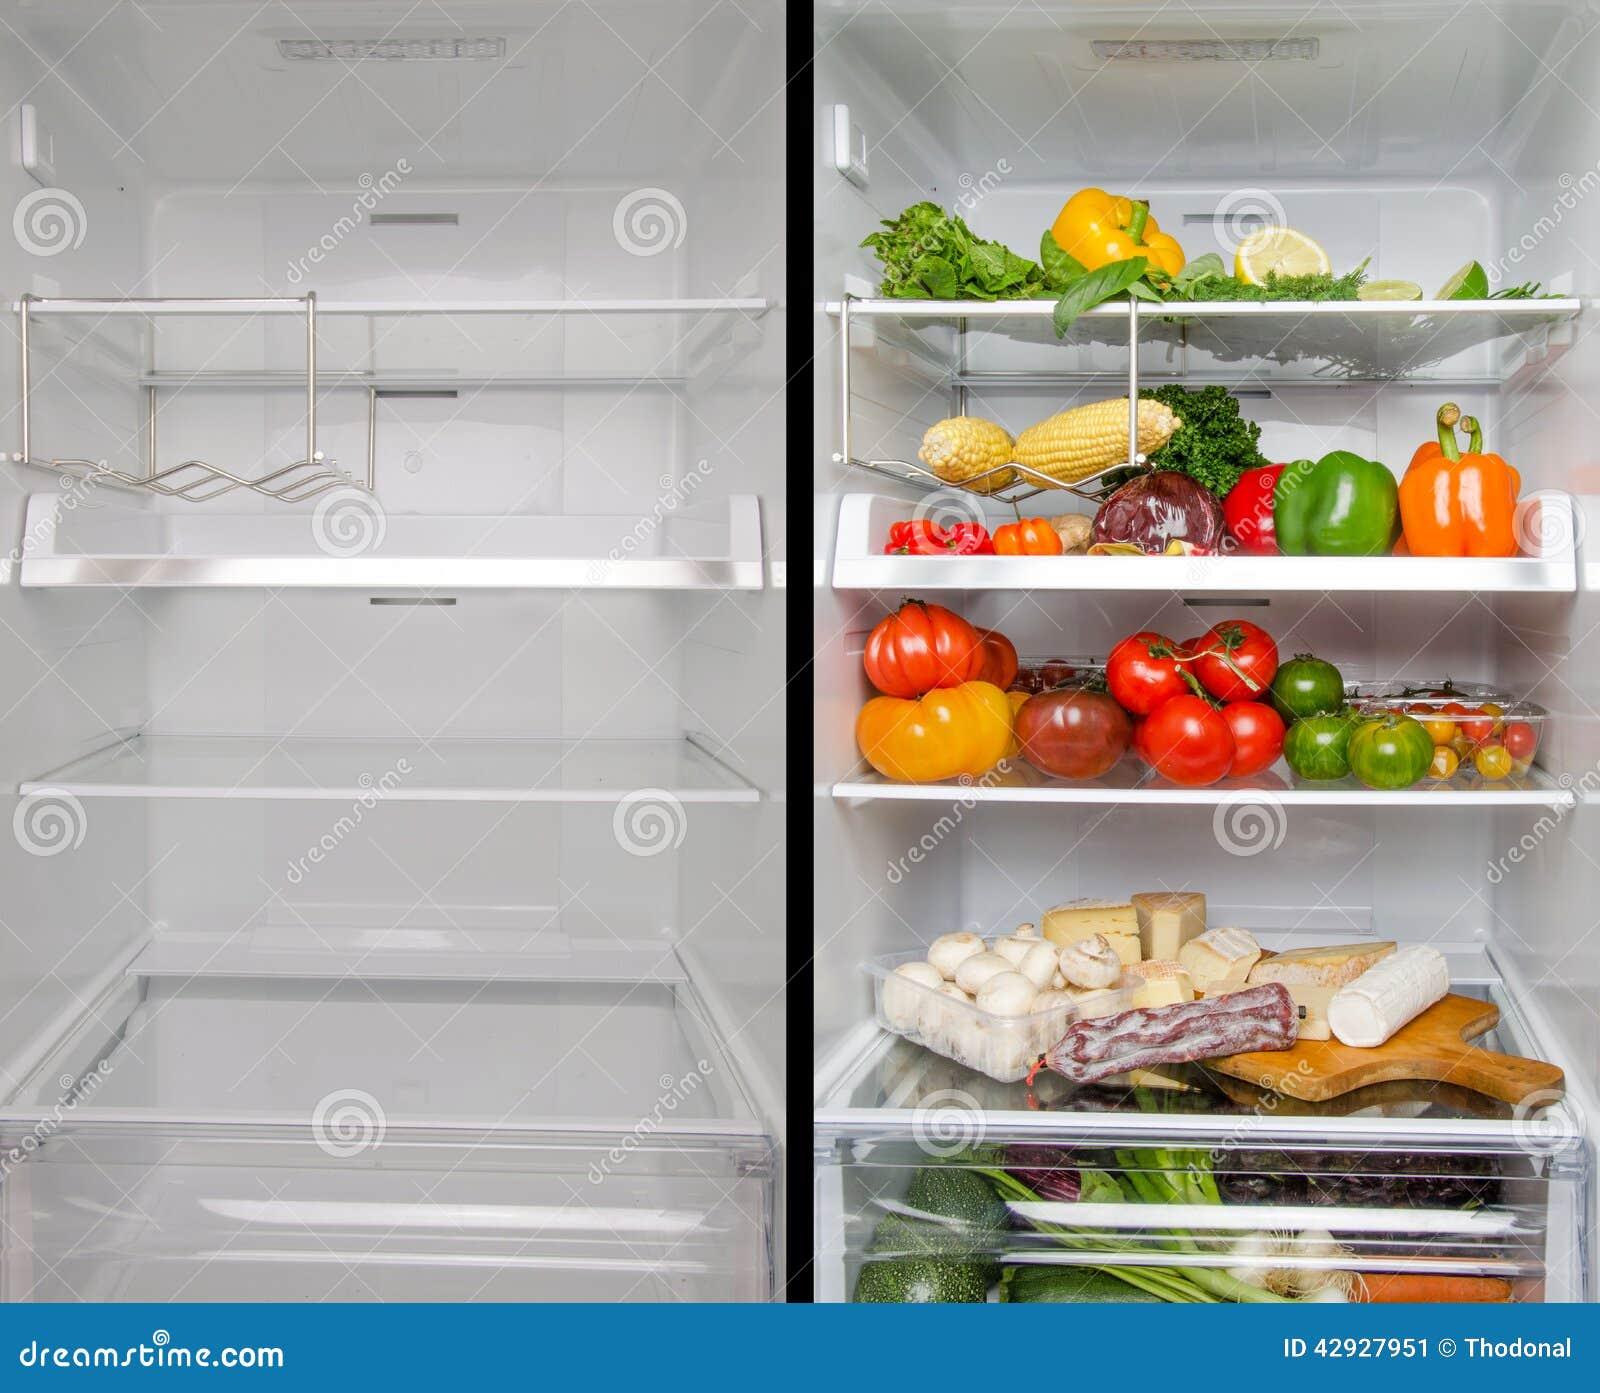 leerer und voller kühlschrank stockfoto  bild 42927951 ~ Kühlschrank Wien